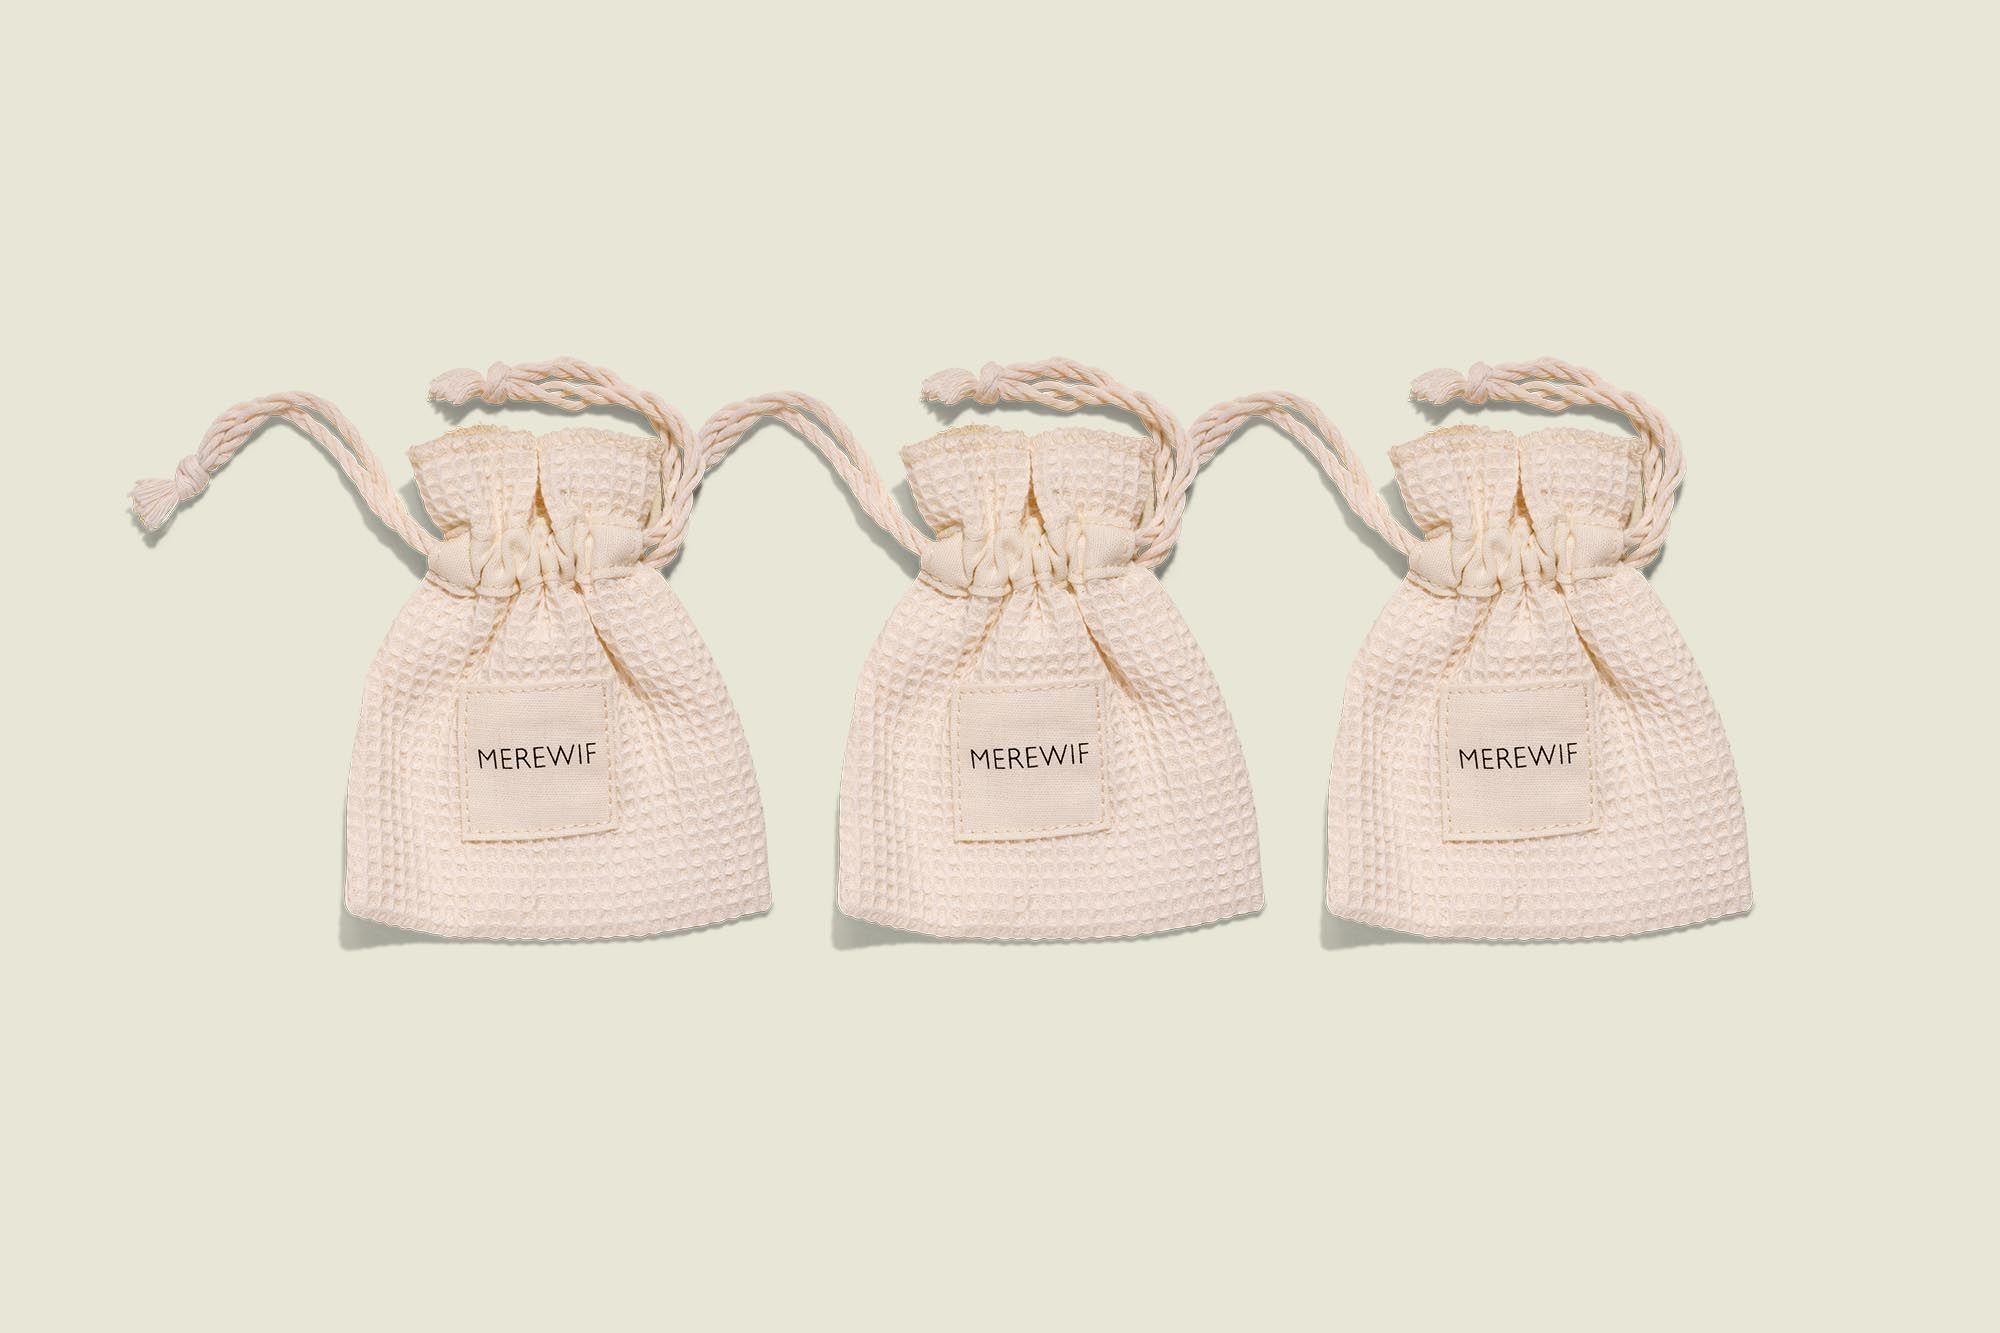 Set of drawstring bags